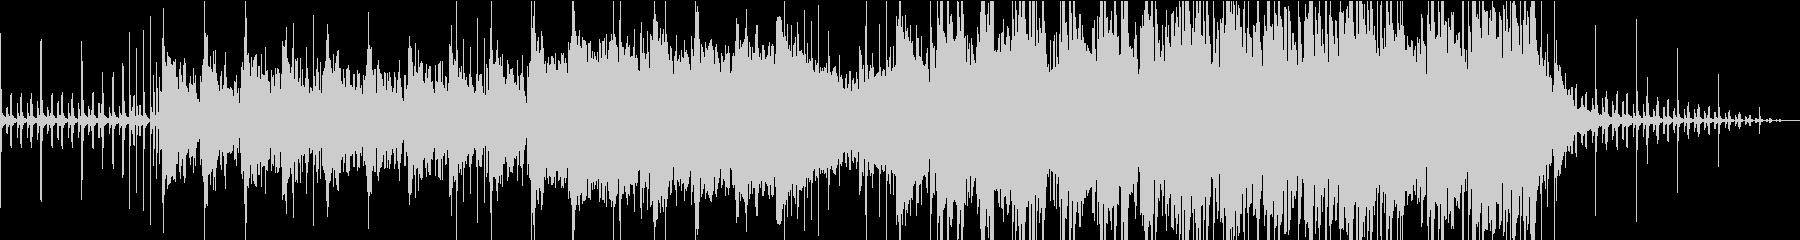 一匹の子栗鼠の未再生の波形